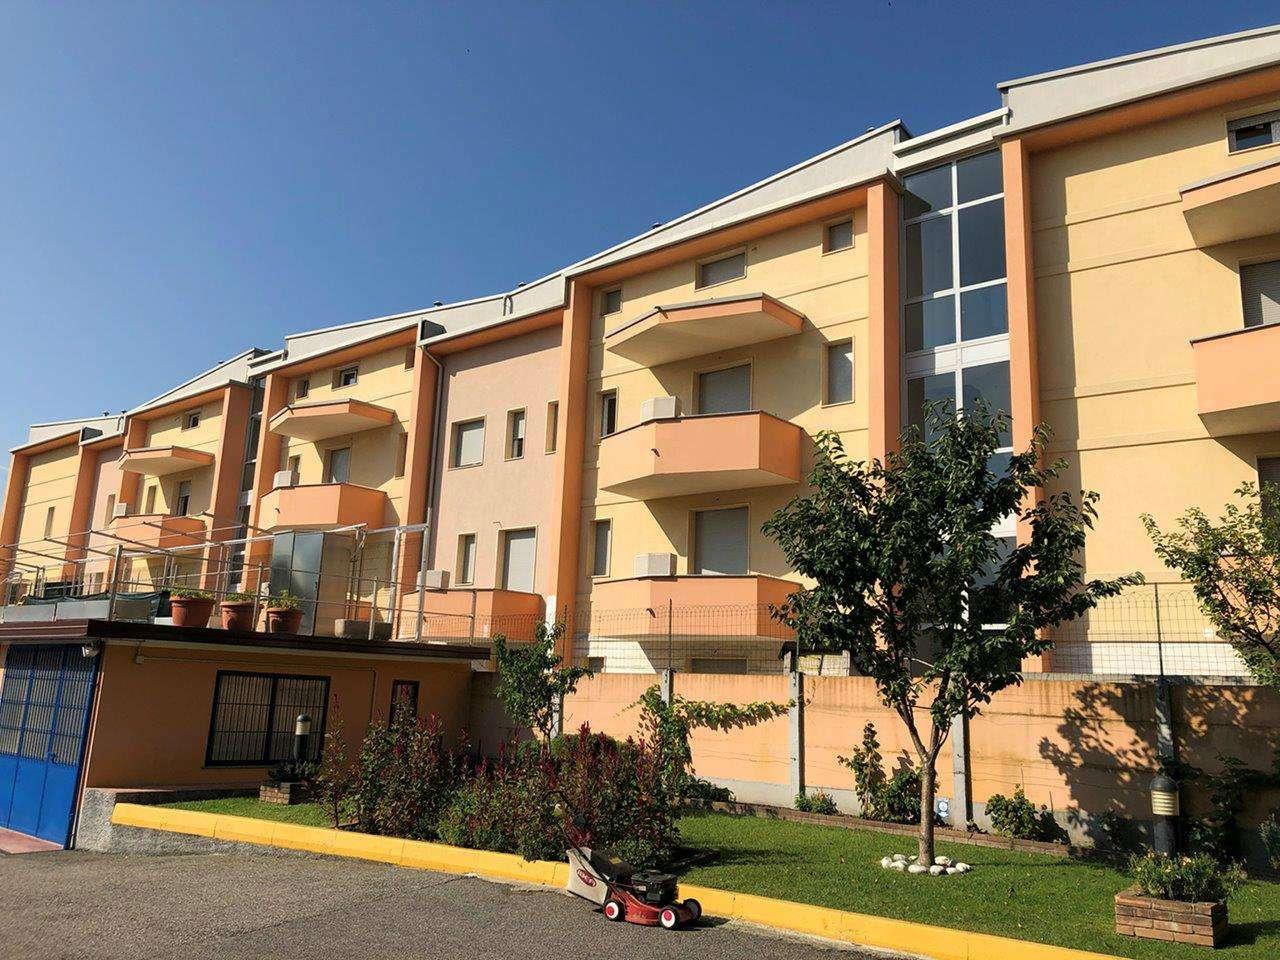 Appartamento in vendita a Muggiò, 3 locali, prezzo € 240.000 | PortaleAgenzieImmobiliari.it